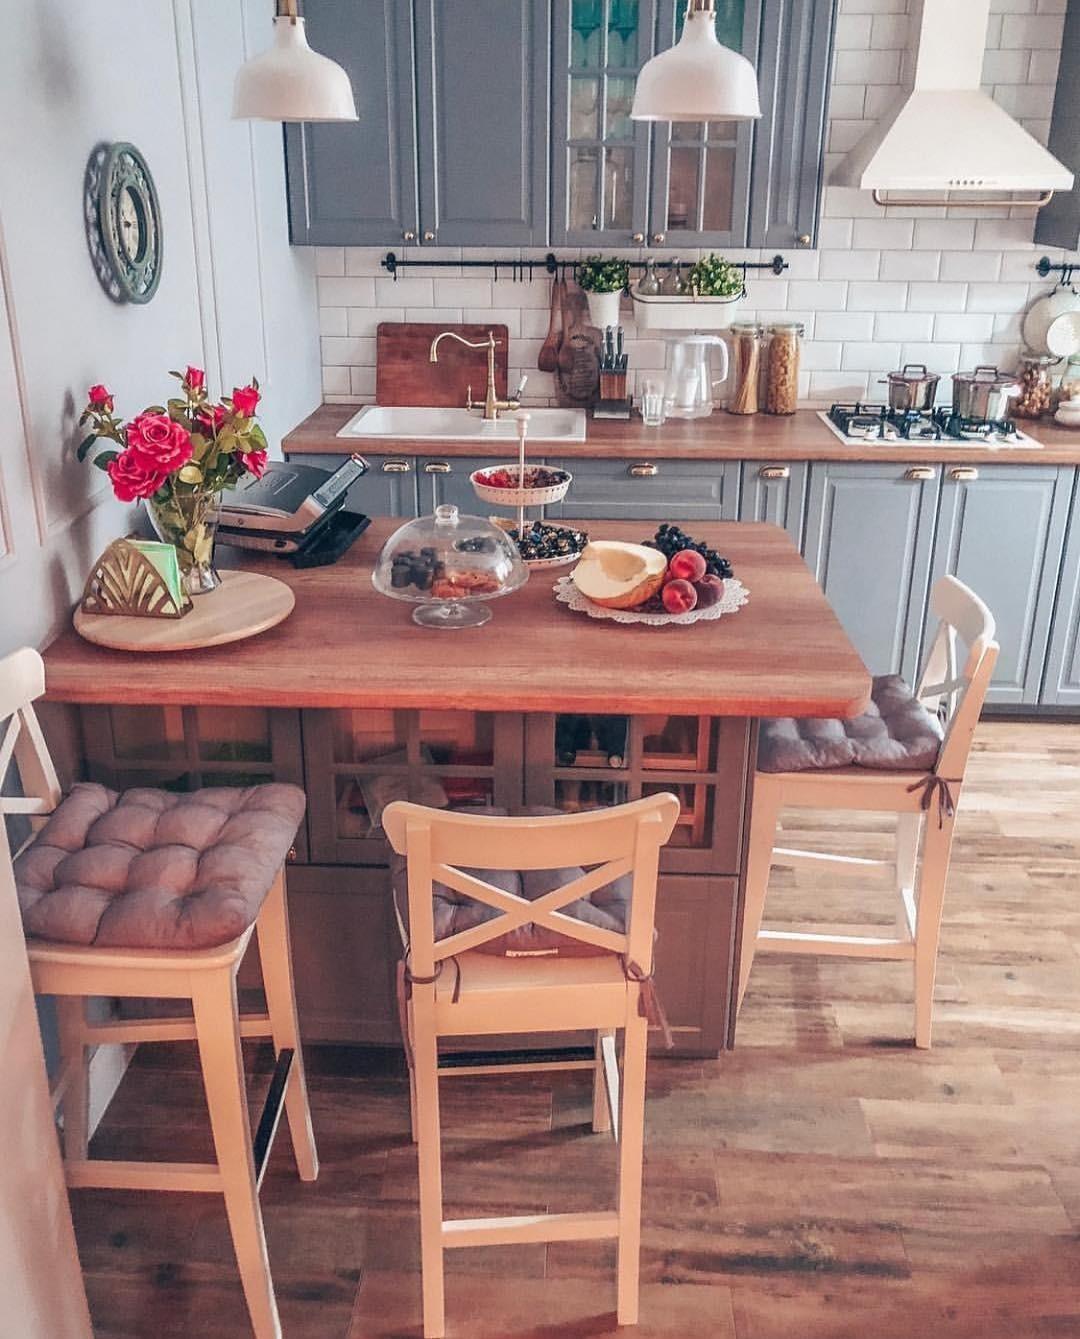 Кухонный остров не заменит обеденный стол, но вы можете его использовать вместо барной стойки